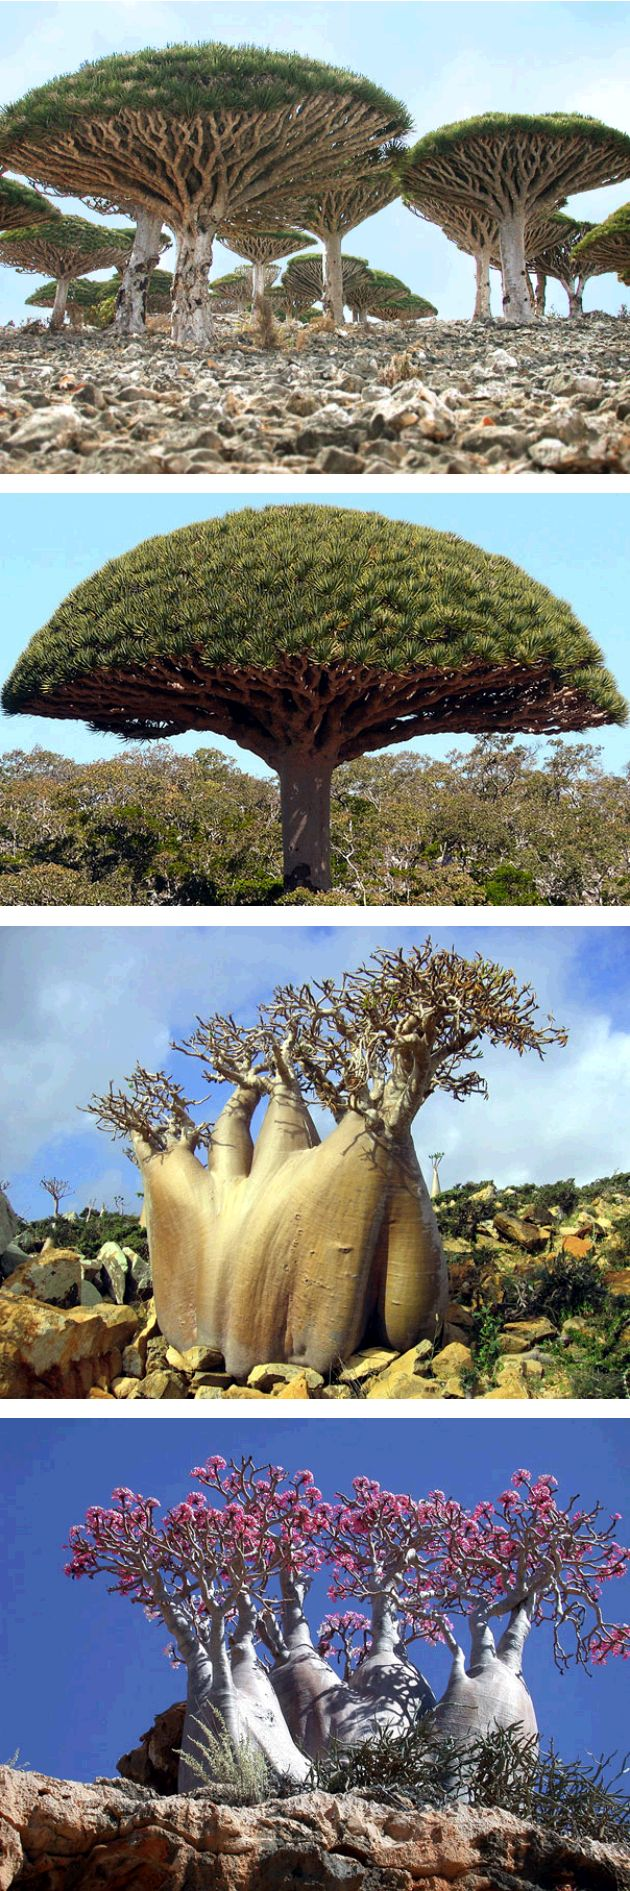 @ Socotra Island, Yemen http://en.wikipedia.org/wiki/Socotra